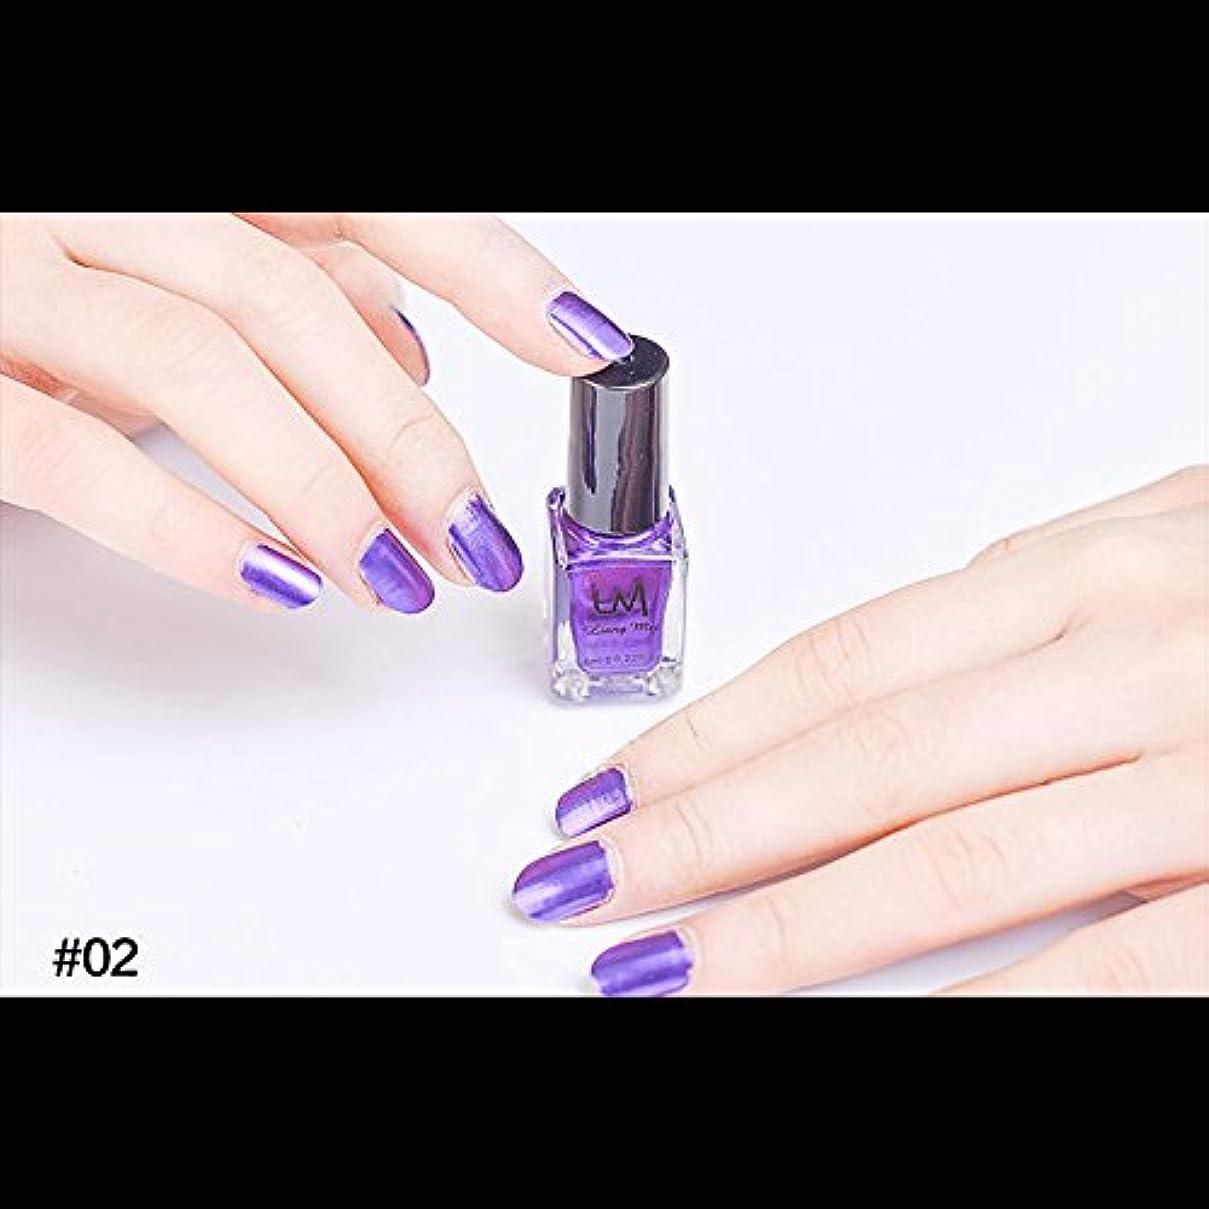 たるみ遅い息苦しいhjuns-Wu マニキュア パール感 1ボトル 6ml ネイルポリッシュ (紫)